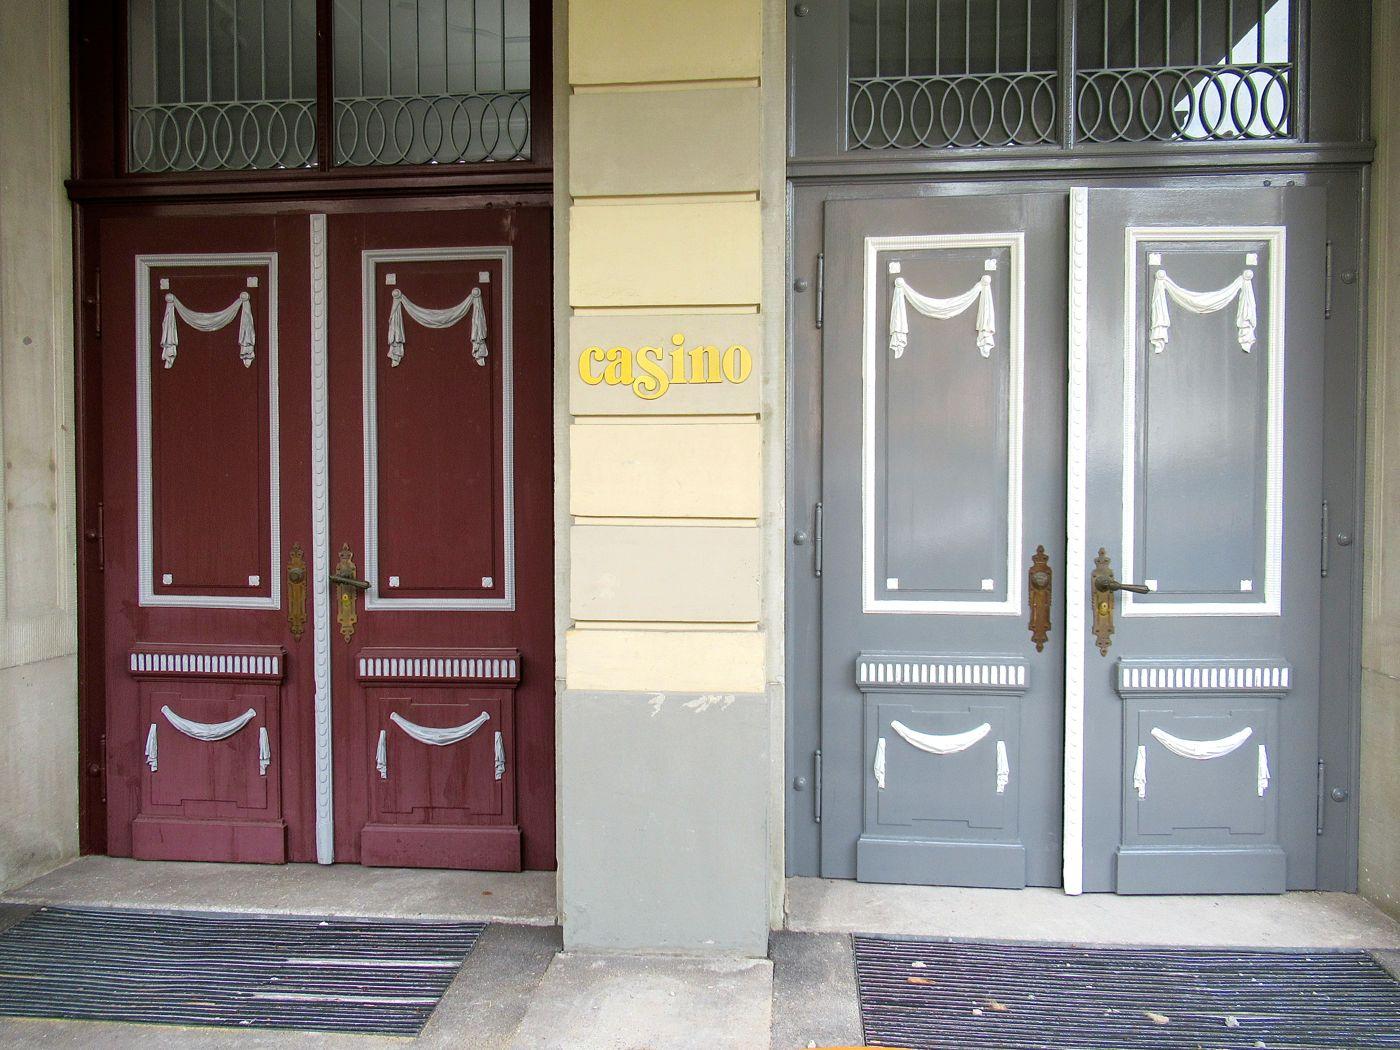 Der ehemalige Haupteingang des Casinos. Links die Bemalung der Türen vor der Renovation, rechts die wiederhergestellte Originalfarbe.